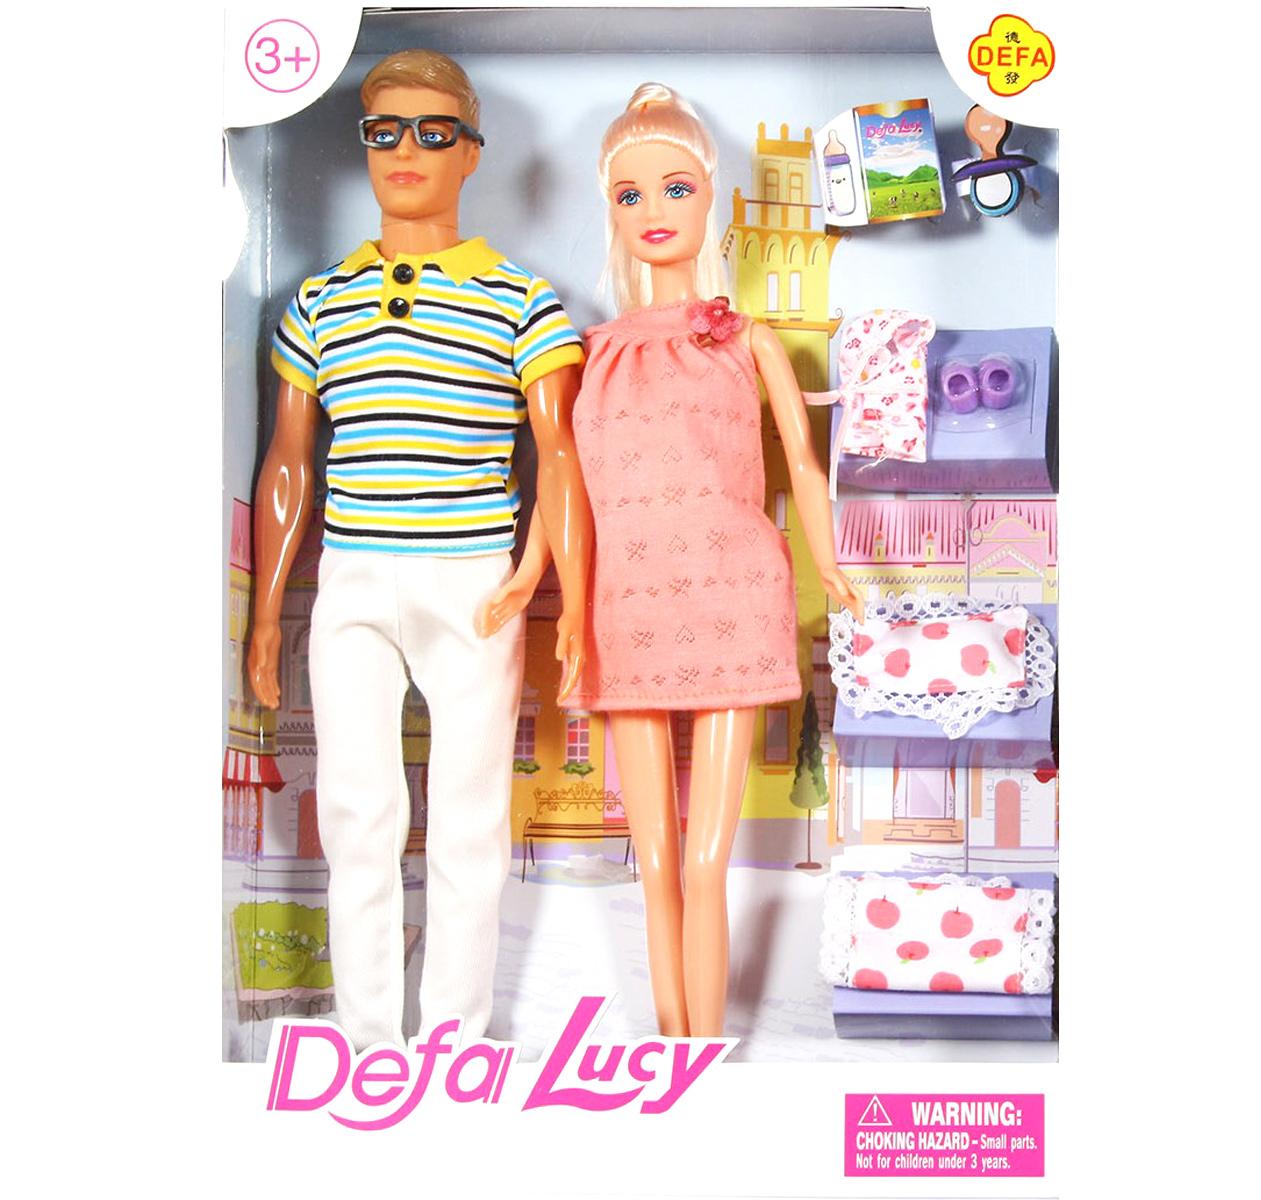 Лялька Defa вагітна з Кеном. Ціна dc2daf550c658